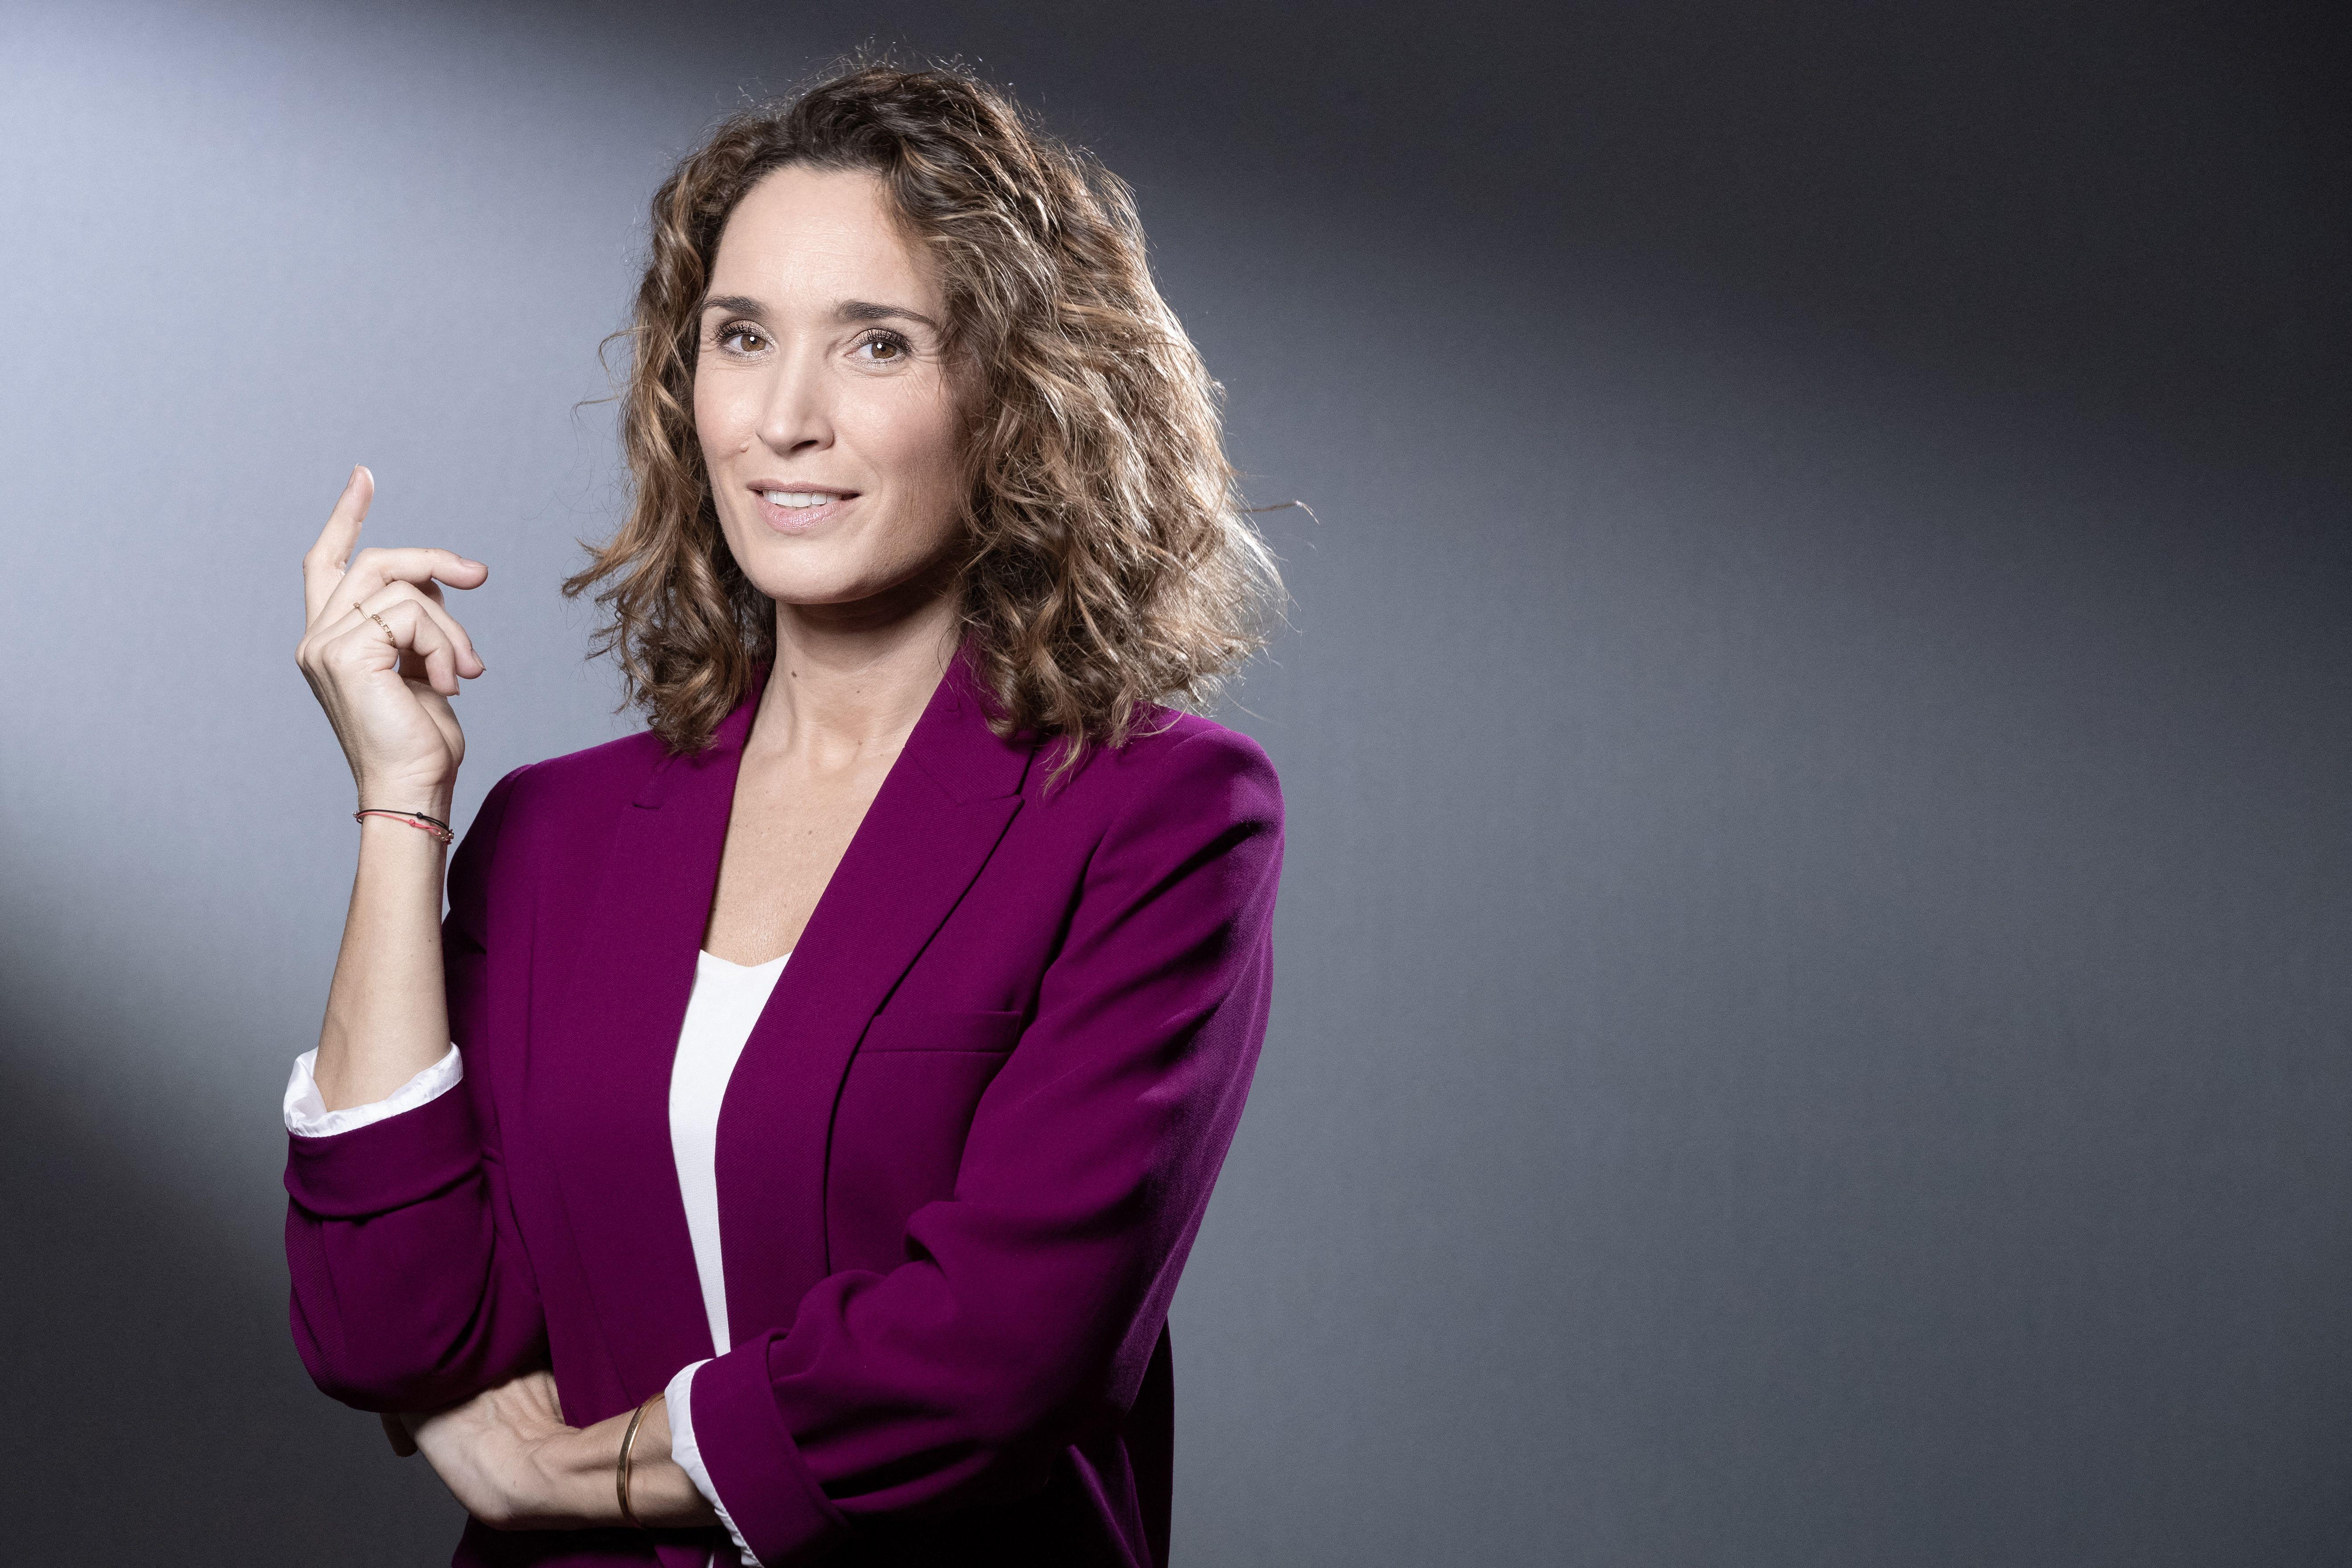 La journaliste française Marie-Sophie Lacarrau lors d'une session photo le 14 décembre